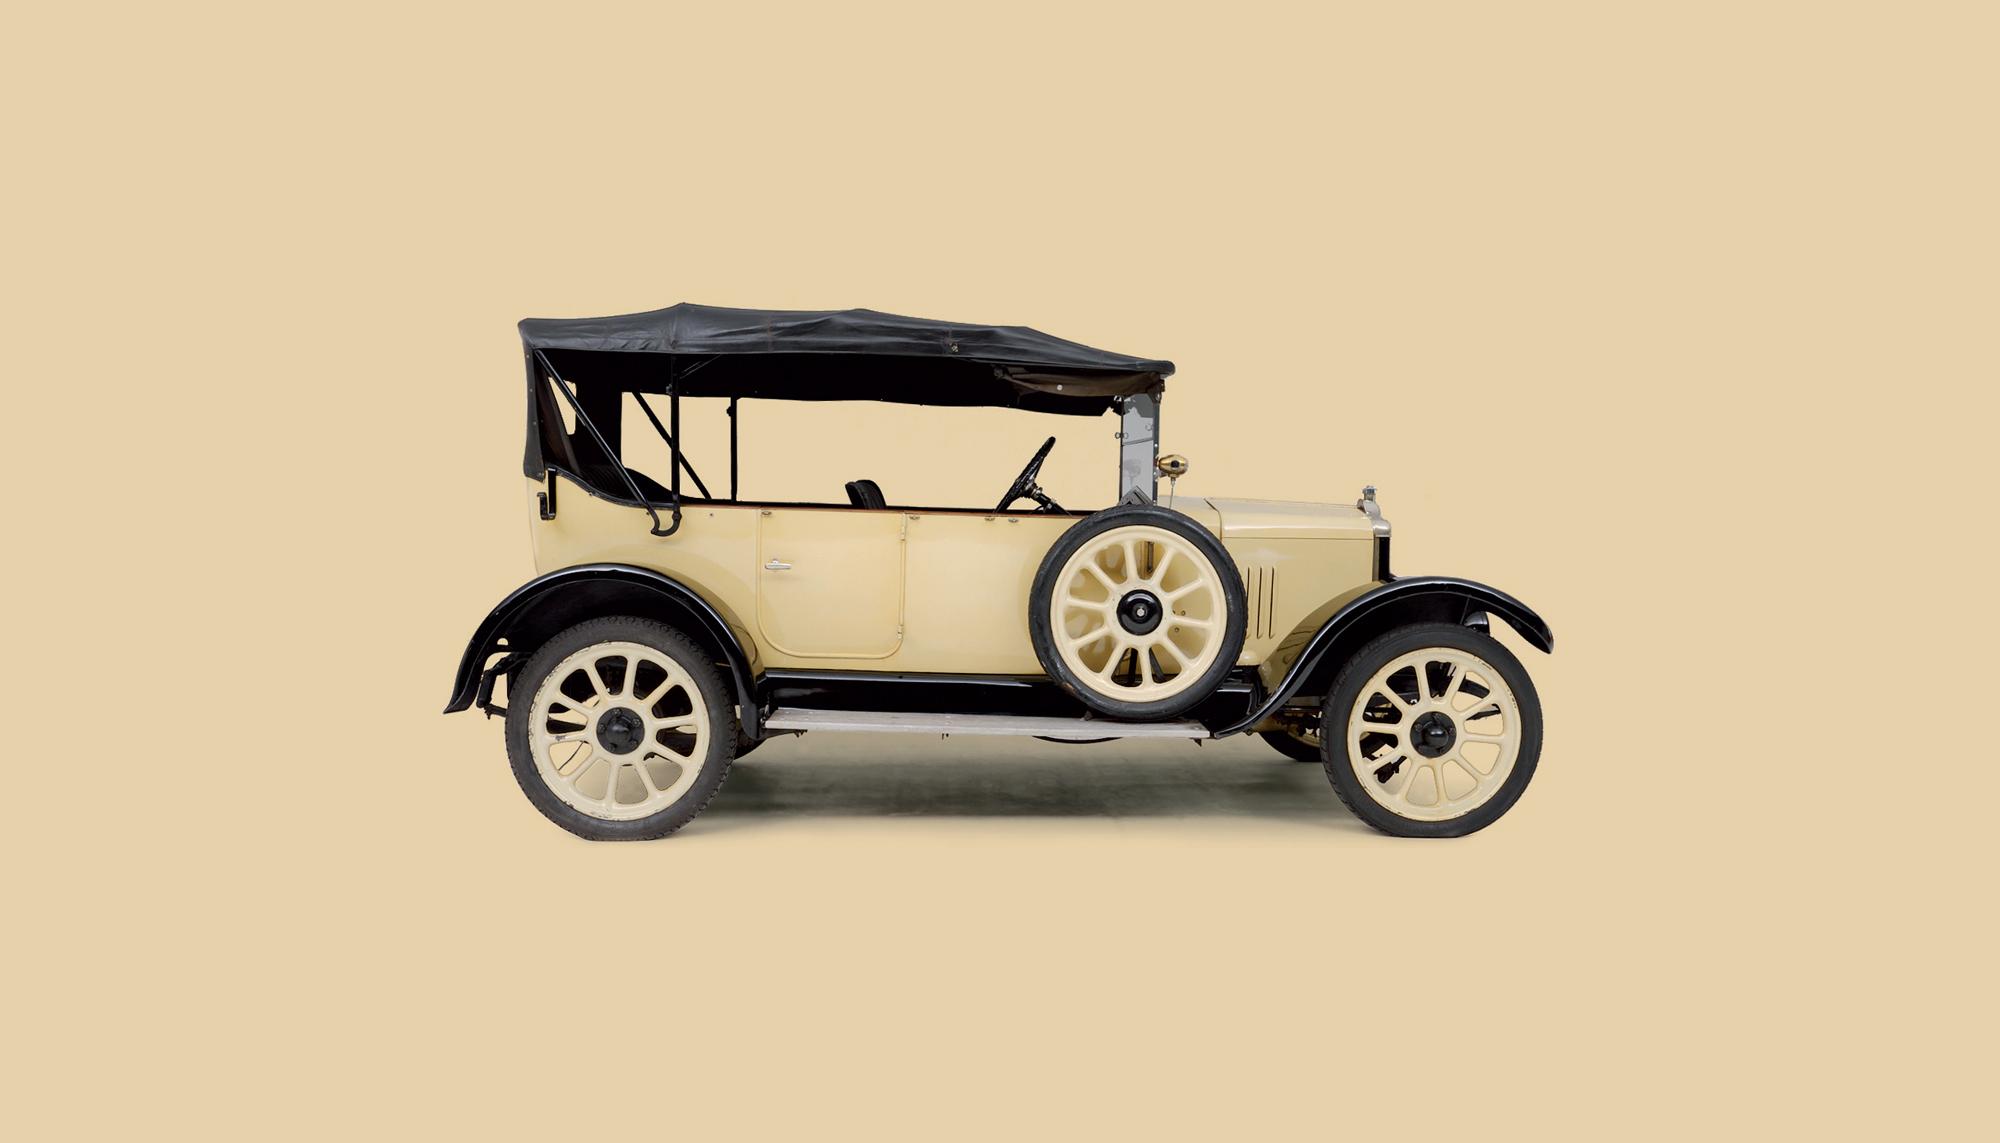 Bekijk Standard Eleven SLO4 Tourer in het Louwman Museum